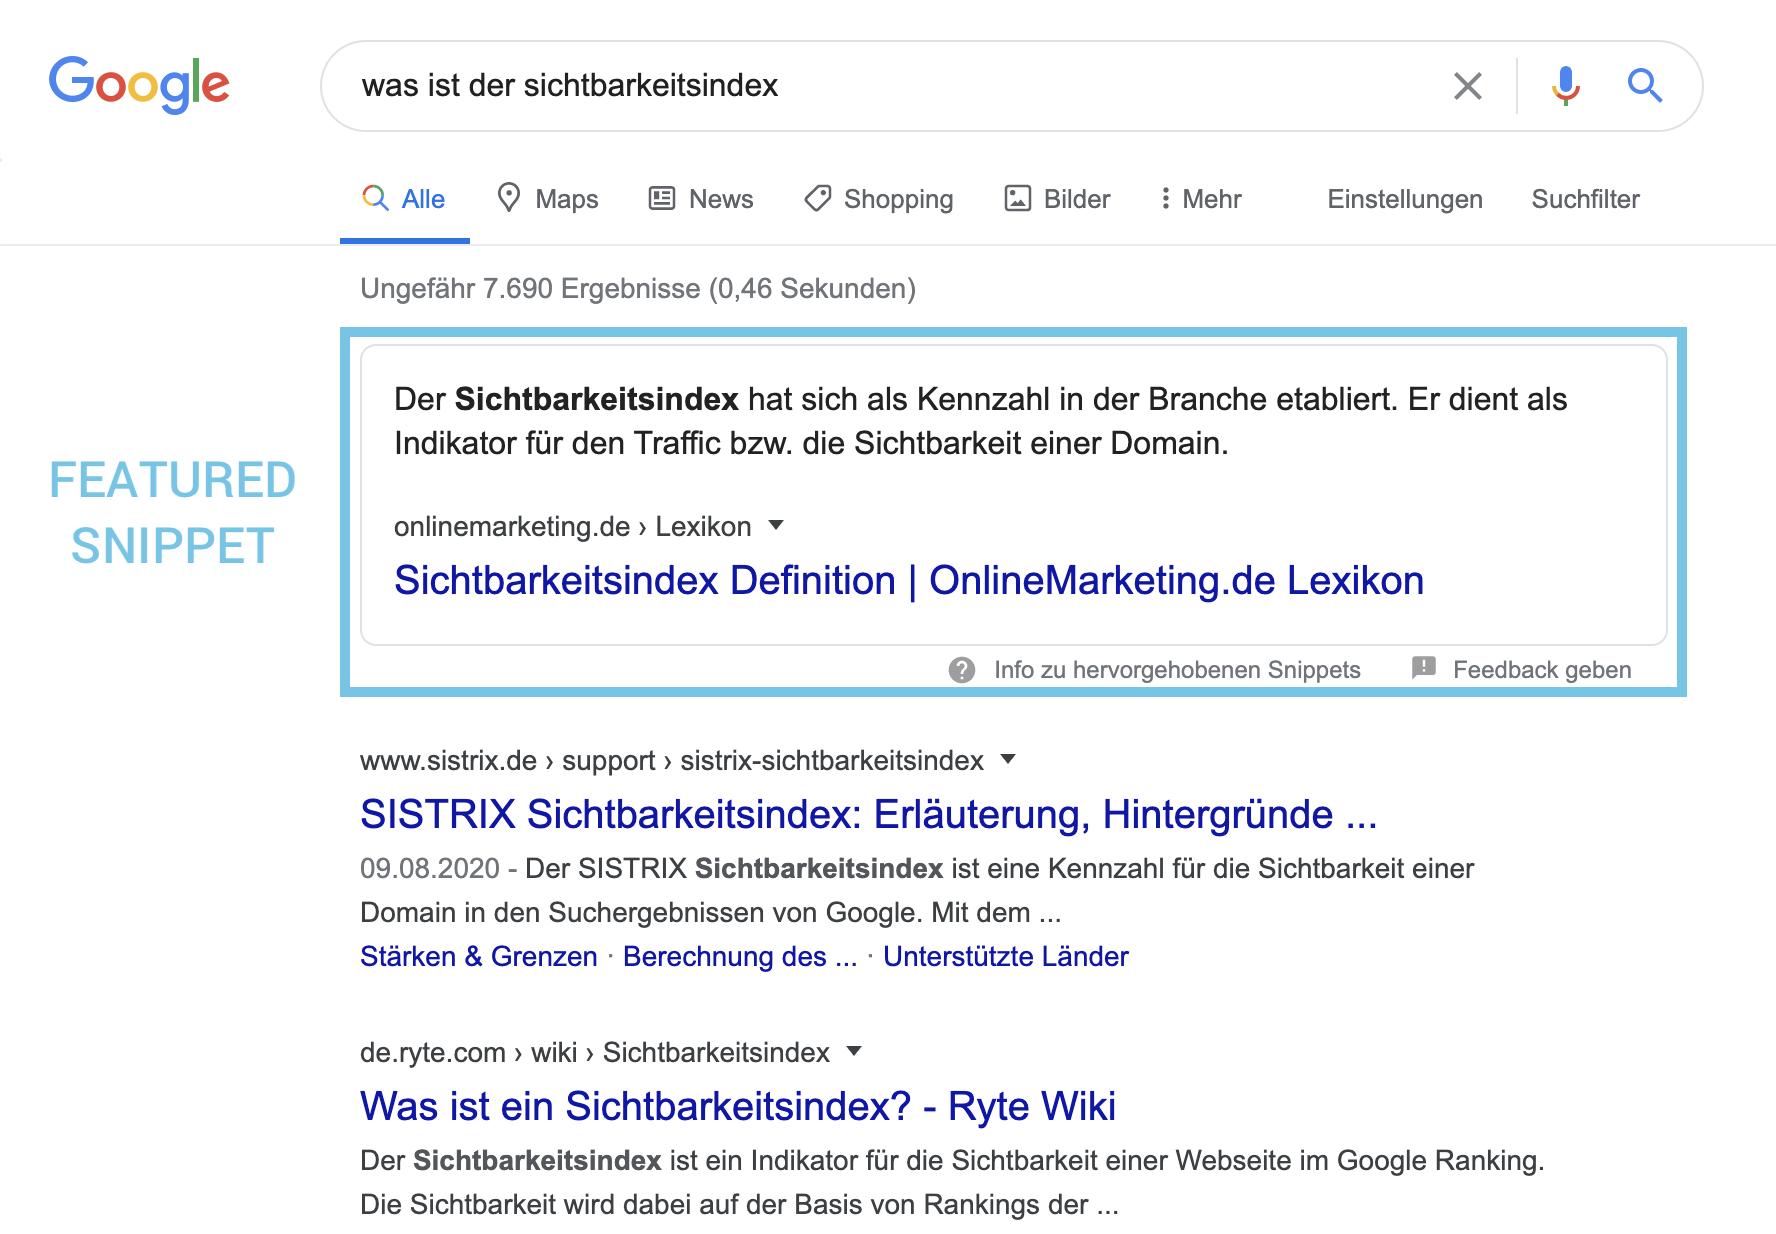 Beispiel eines Featured Snippets in den Google SERPs